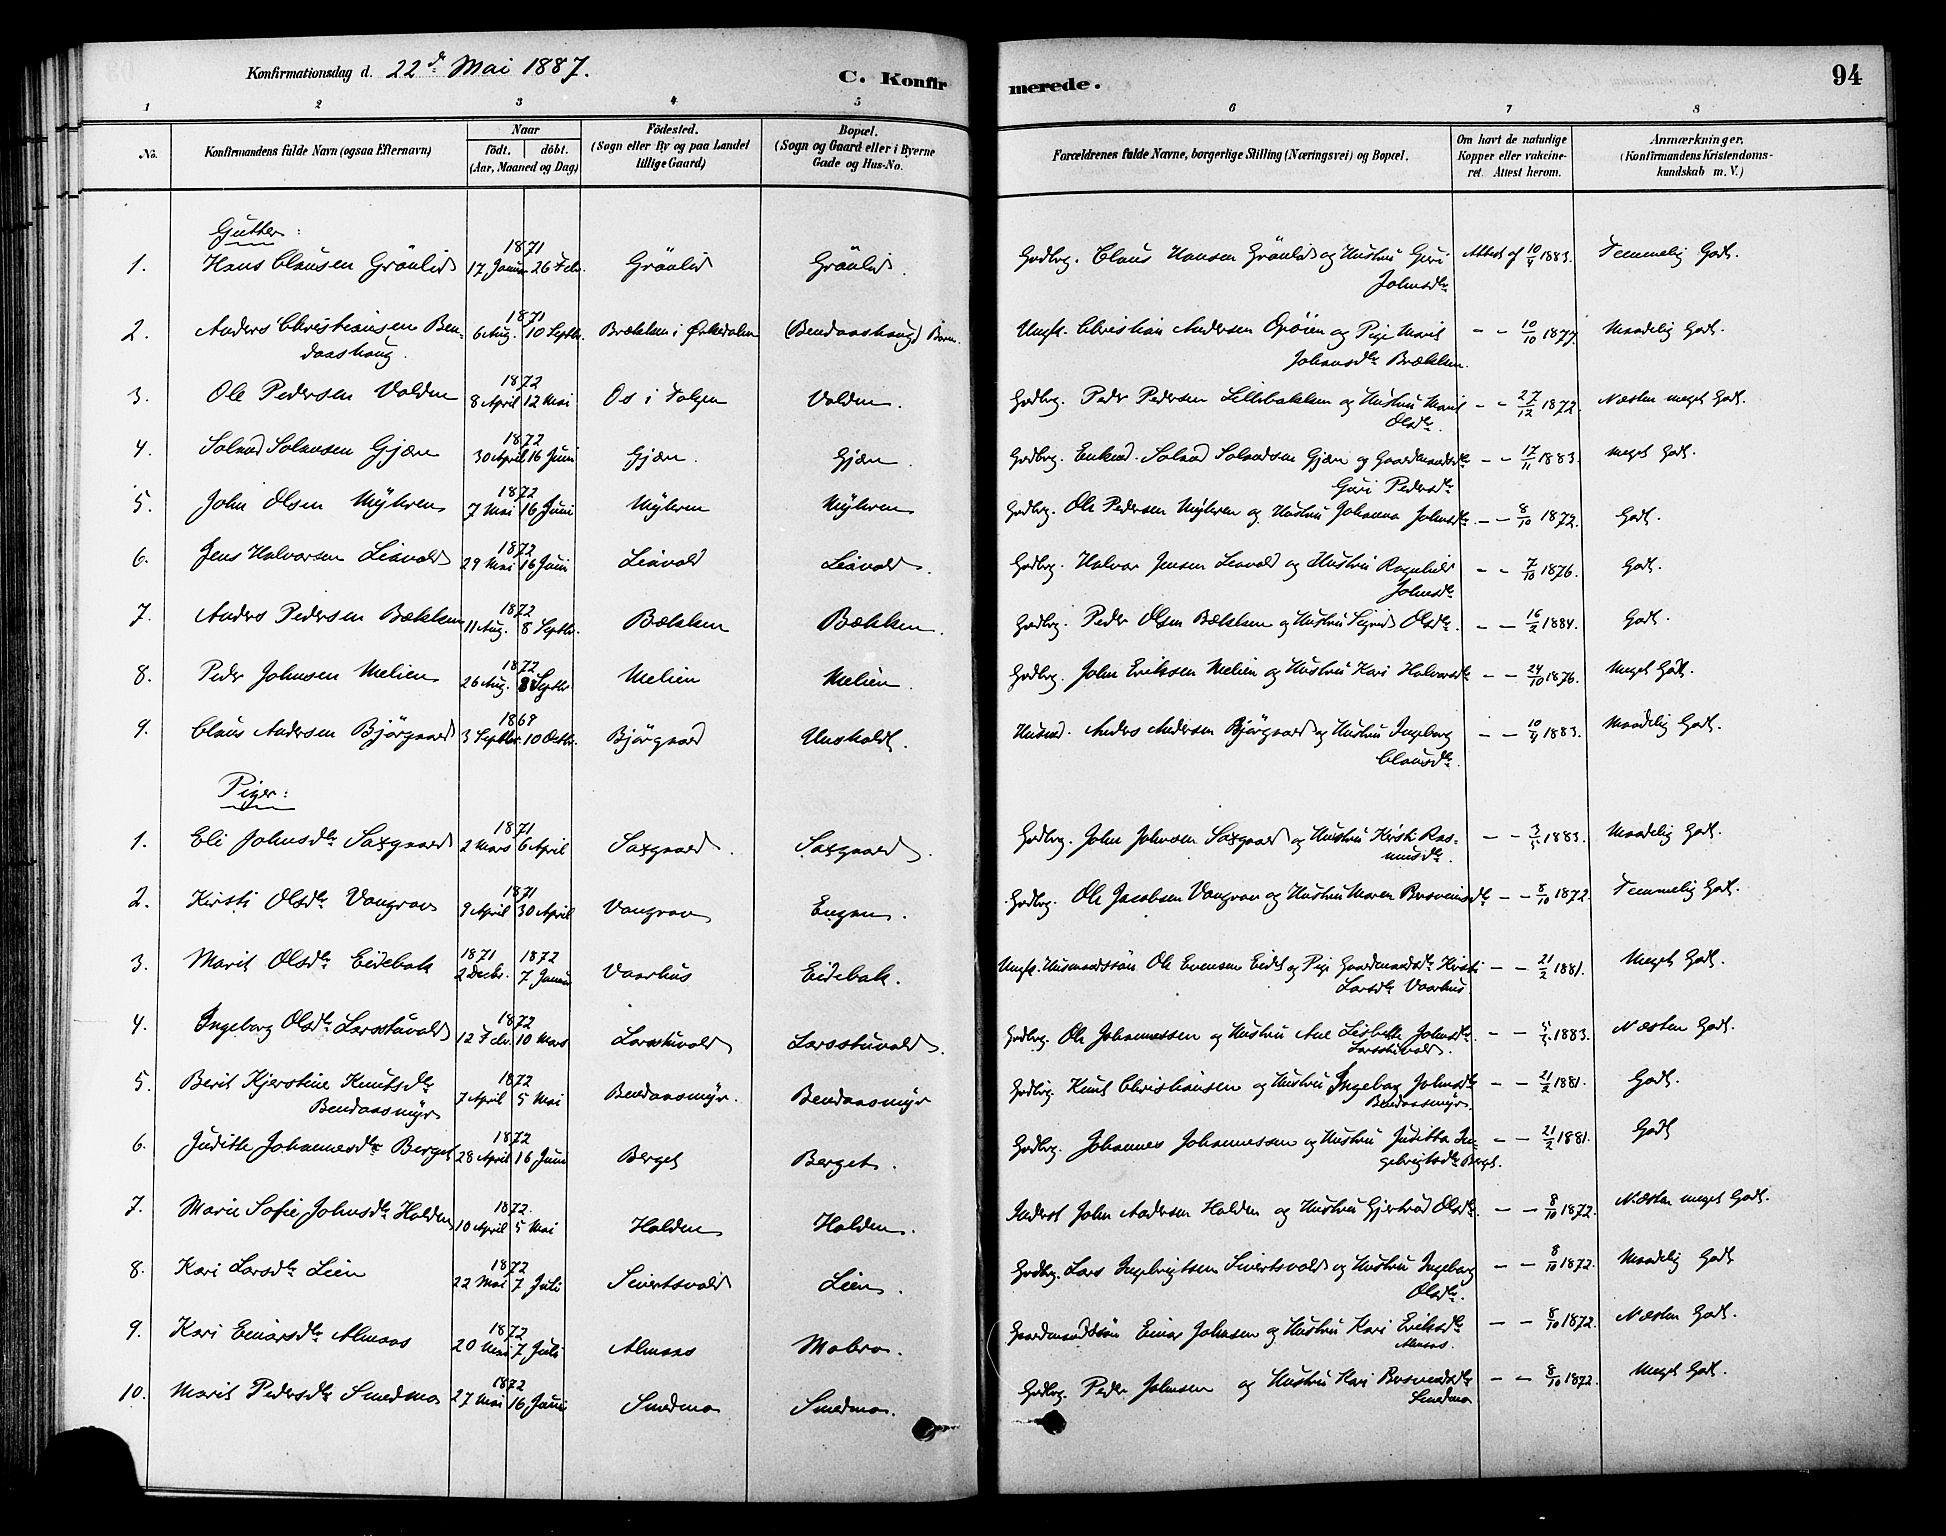 SAT, Ministerialprotokoller, klokkerbøker og fødselsregistre - Sør-Trøndelag, 686/L0983: Ministerialbok nr. 686A01, 1879-1890, s. 94